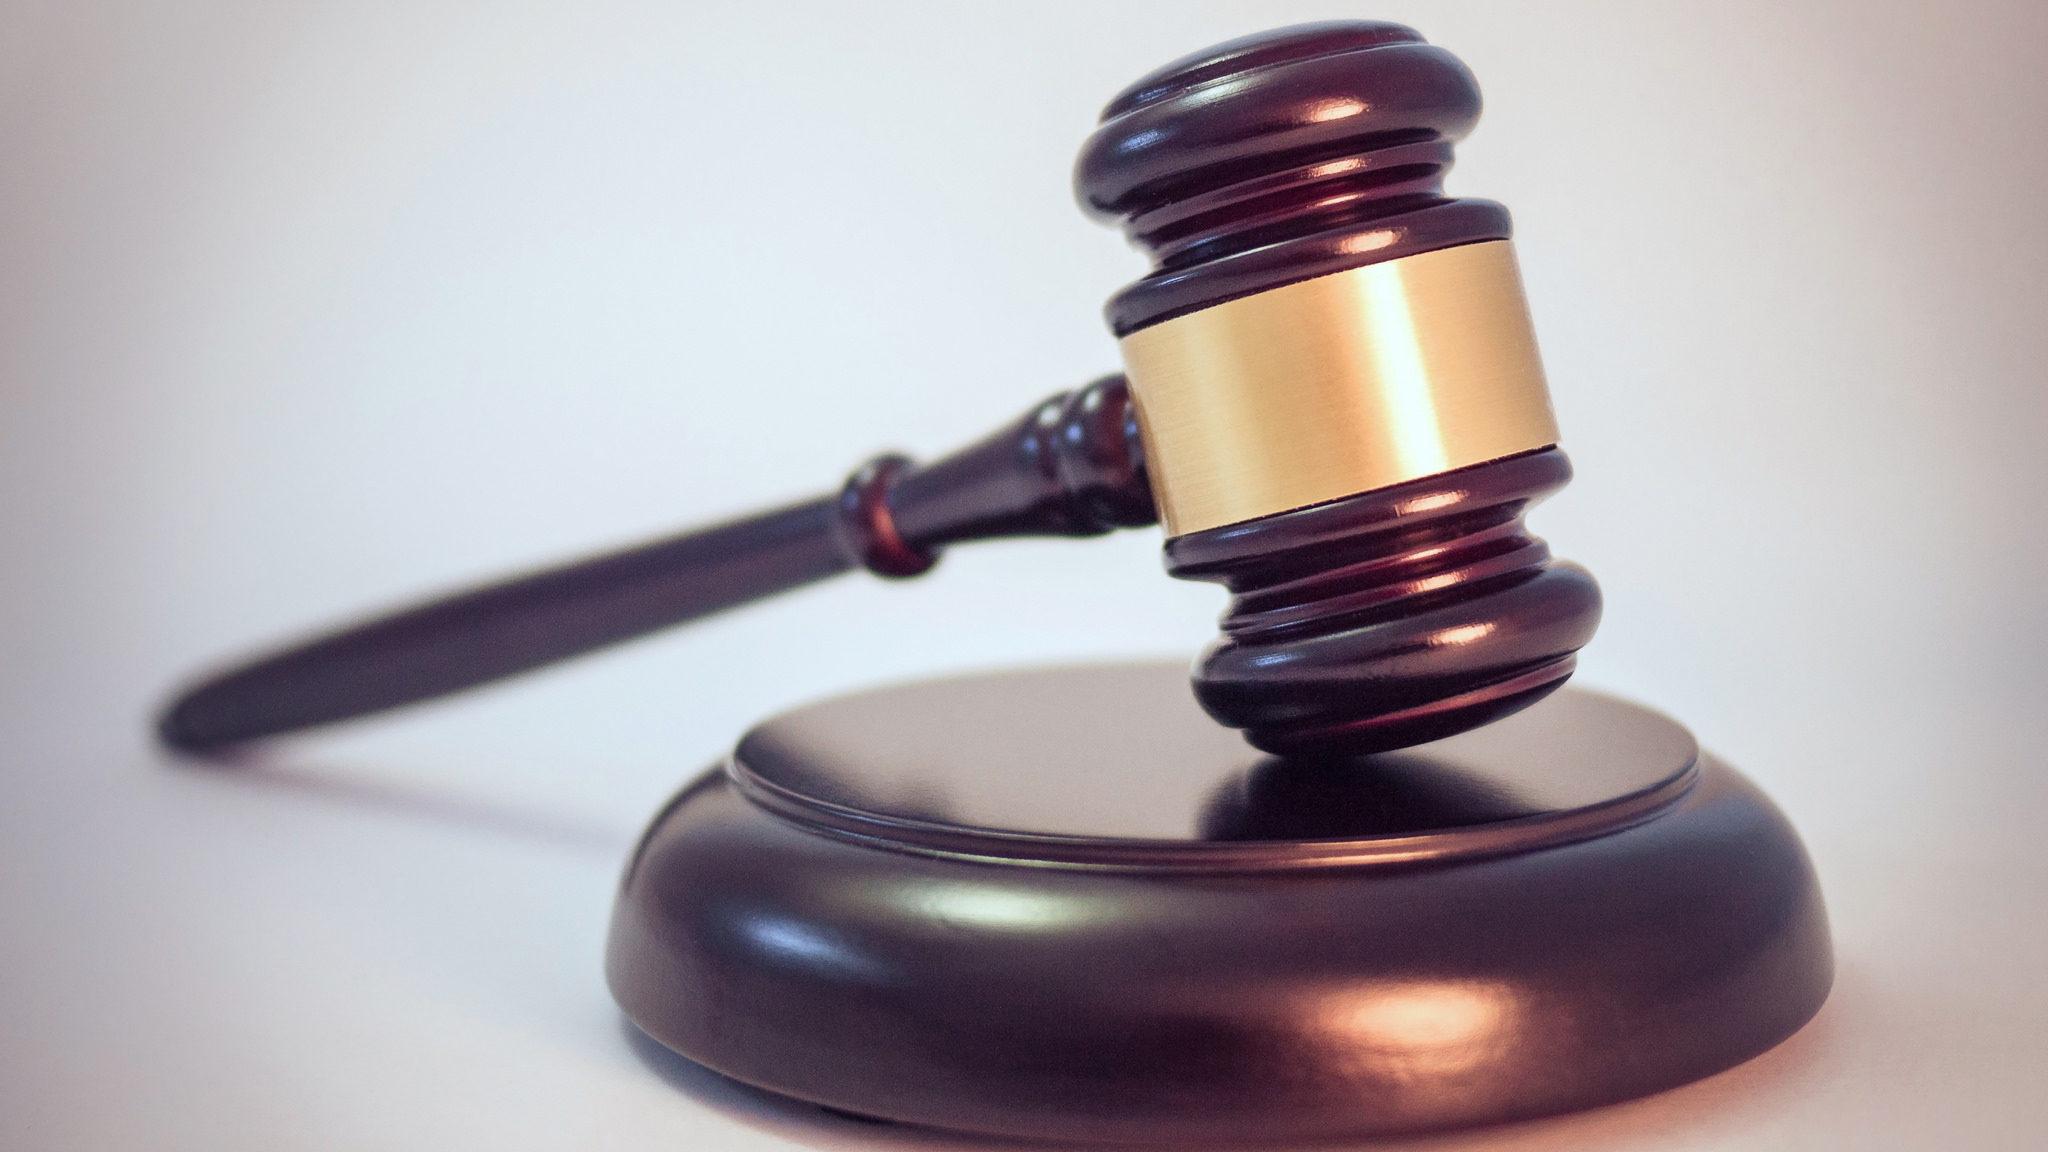 ייצוגית נגד הפניקס, הראל, ממסי ו-AIG, בטענה להפרת חוזה לאספקת שמשות שניזוקו